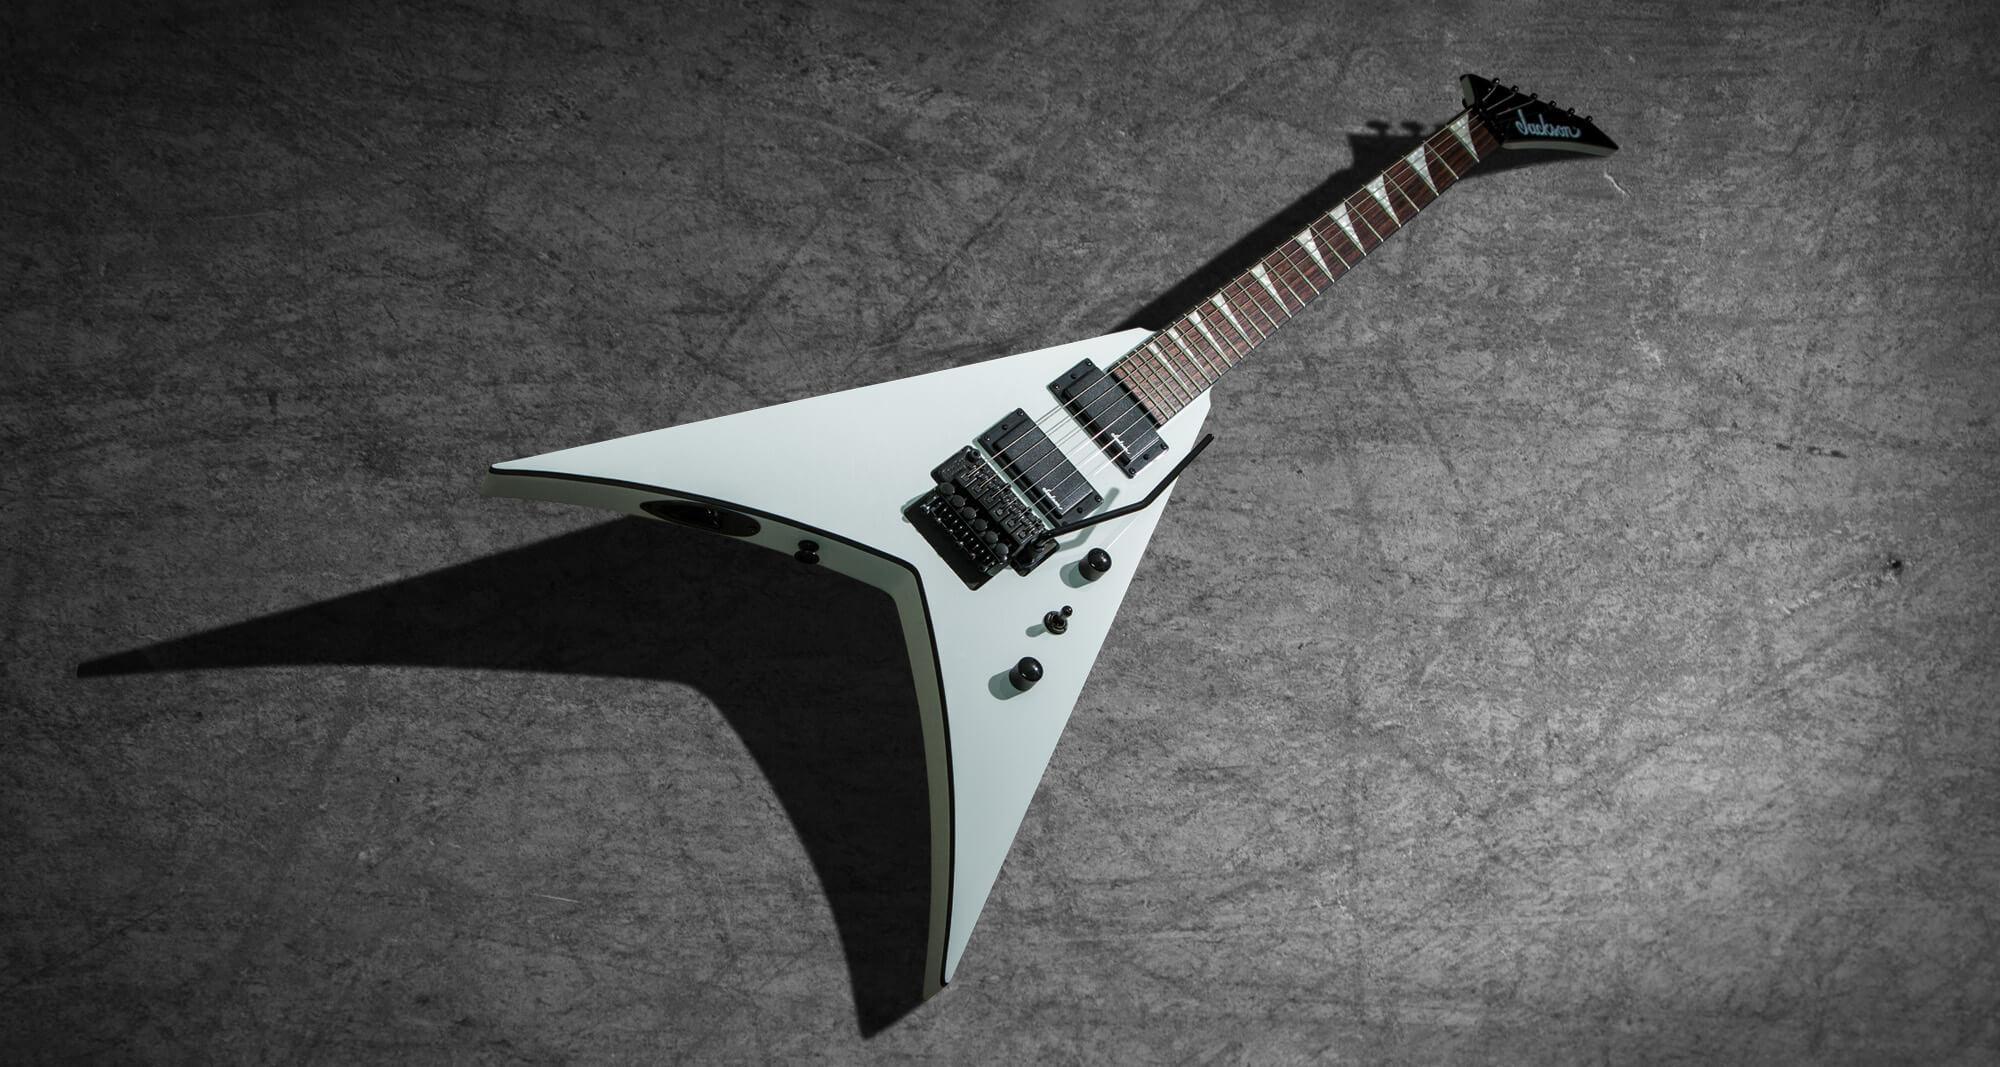 Jackson Guitars Guitar Electronics Dstevensdesign For Shredders In Training